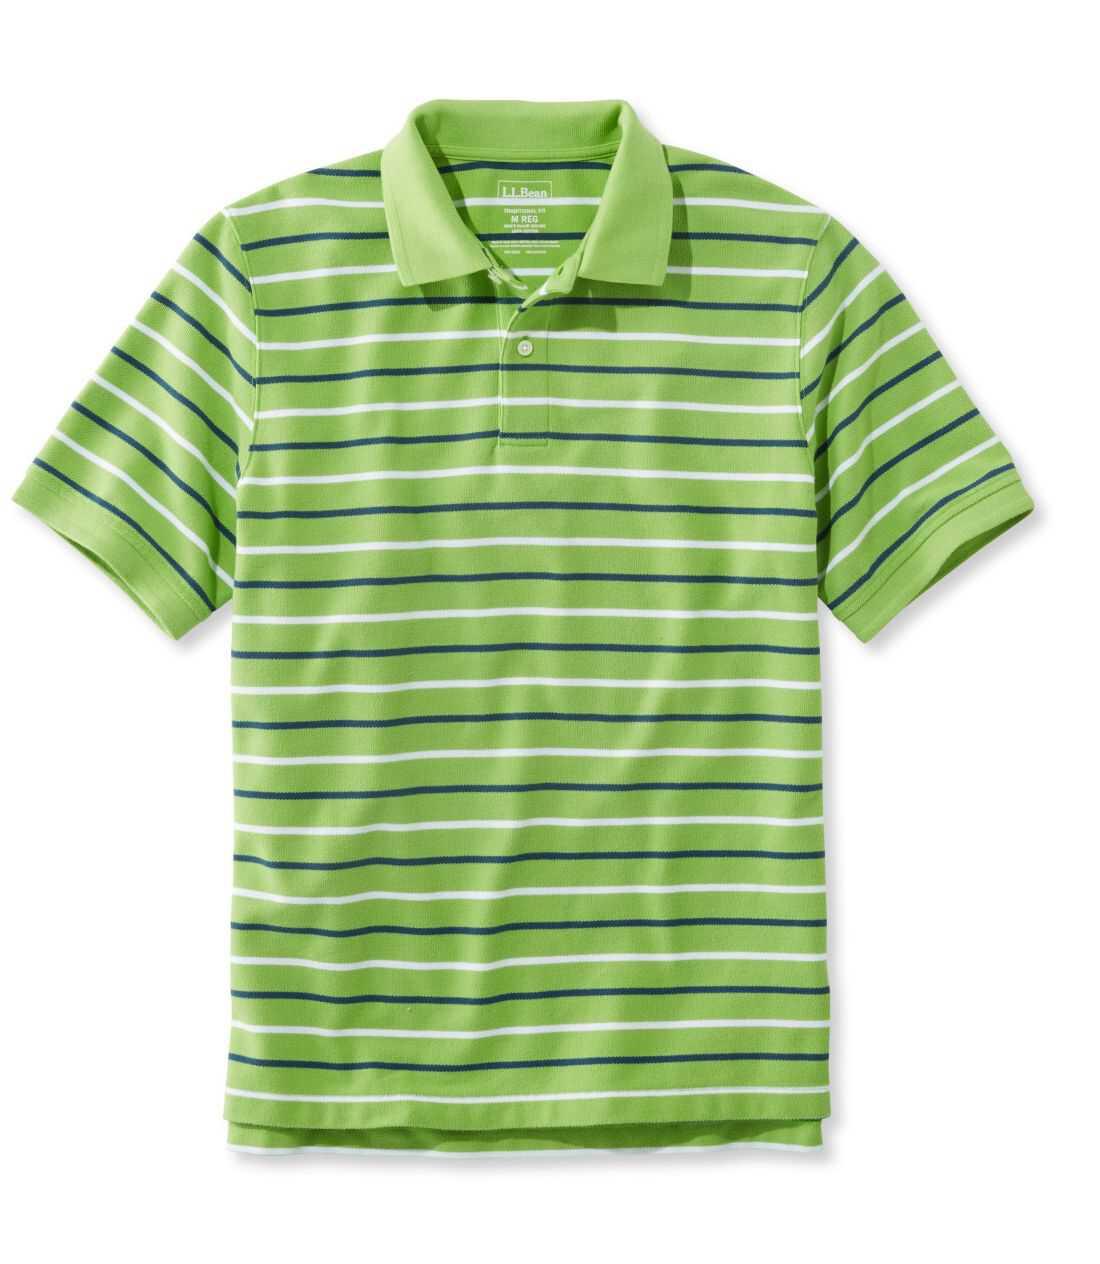 プレミアム・ダブル・エル・ポロシャツ、半袖 ストライプ